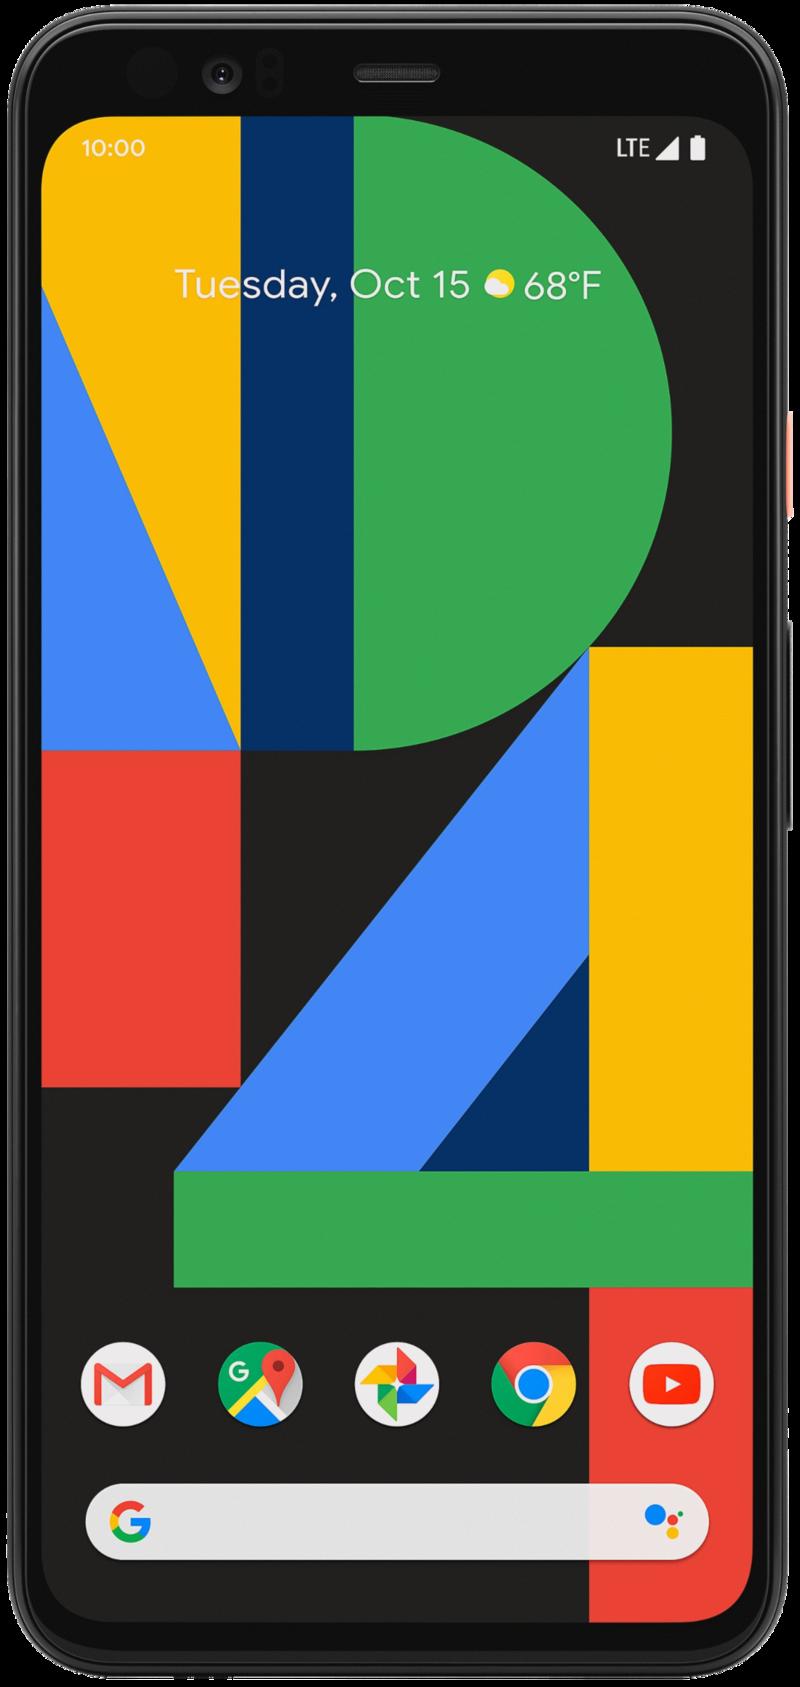 google-pixel-4-xl-cropped.png?itok=-tbIZ